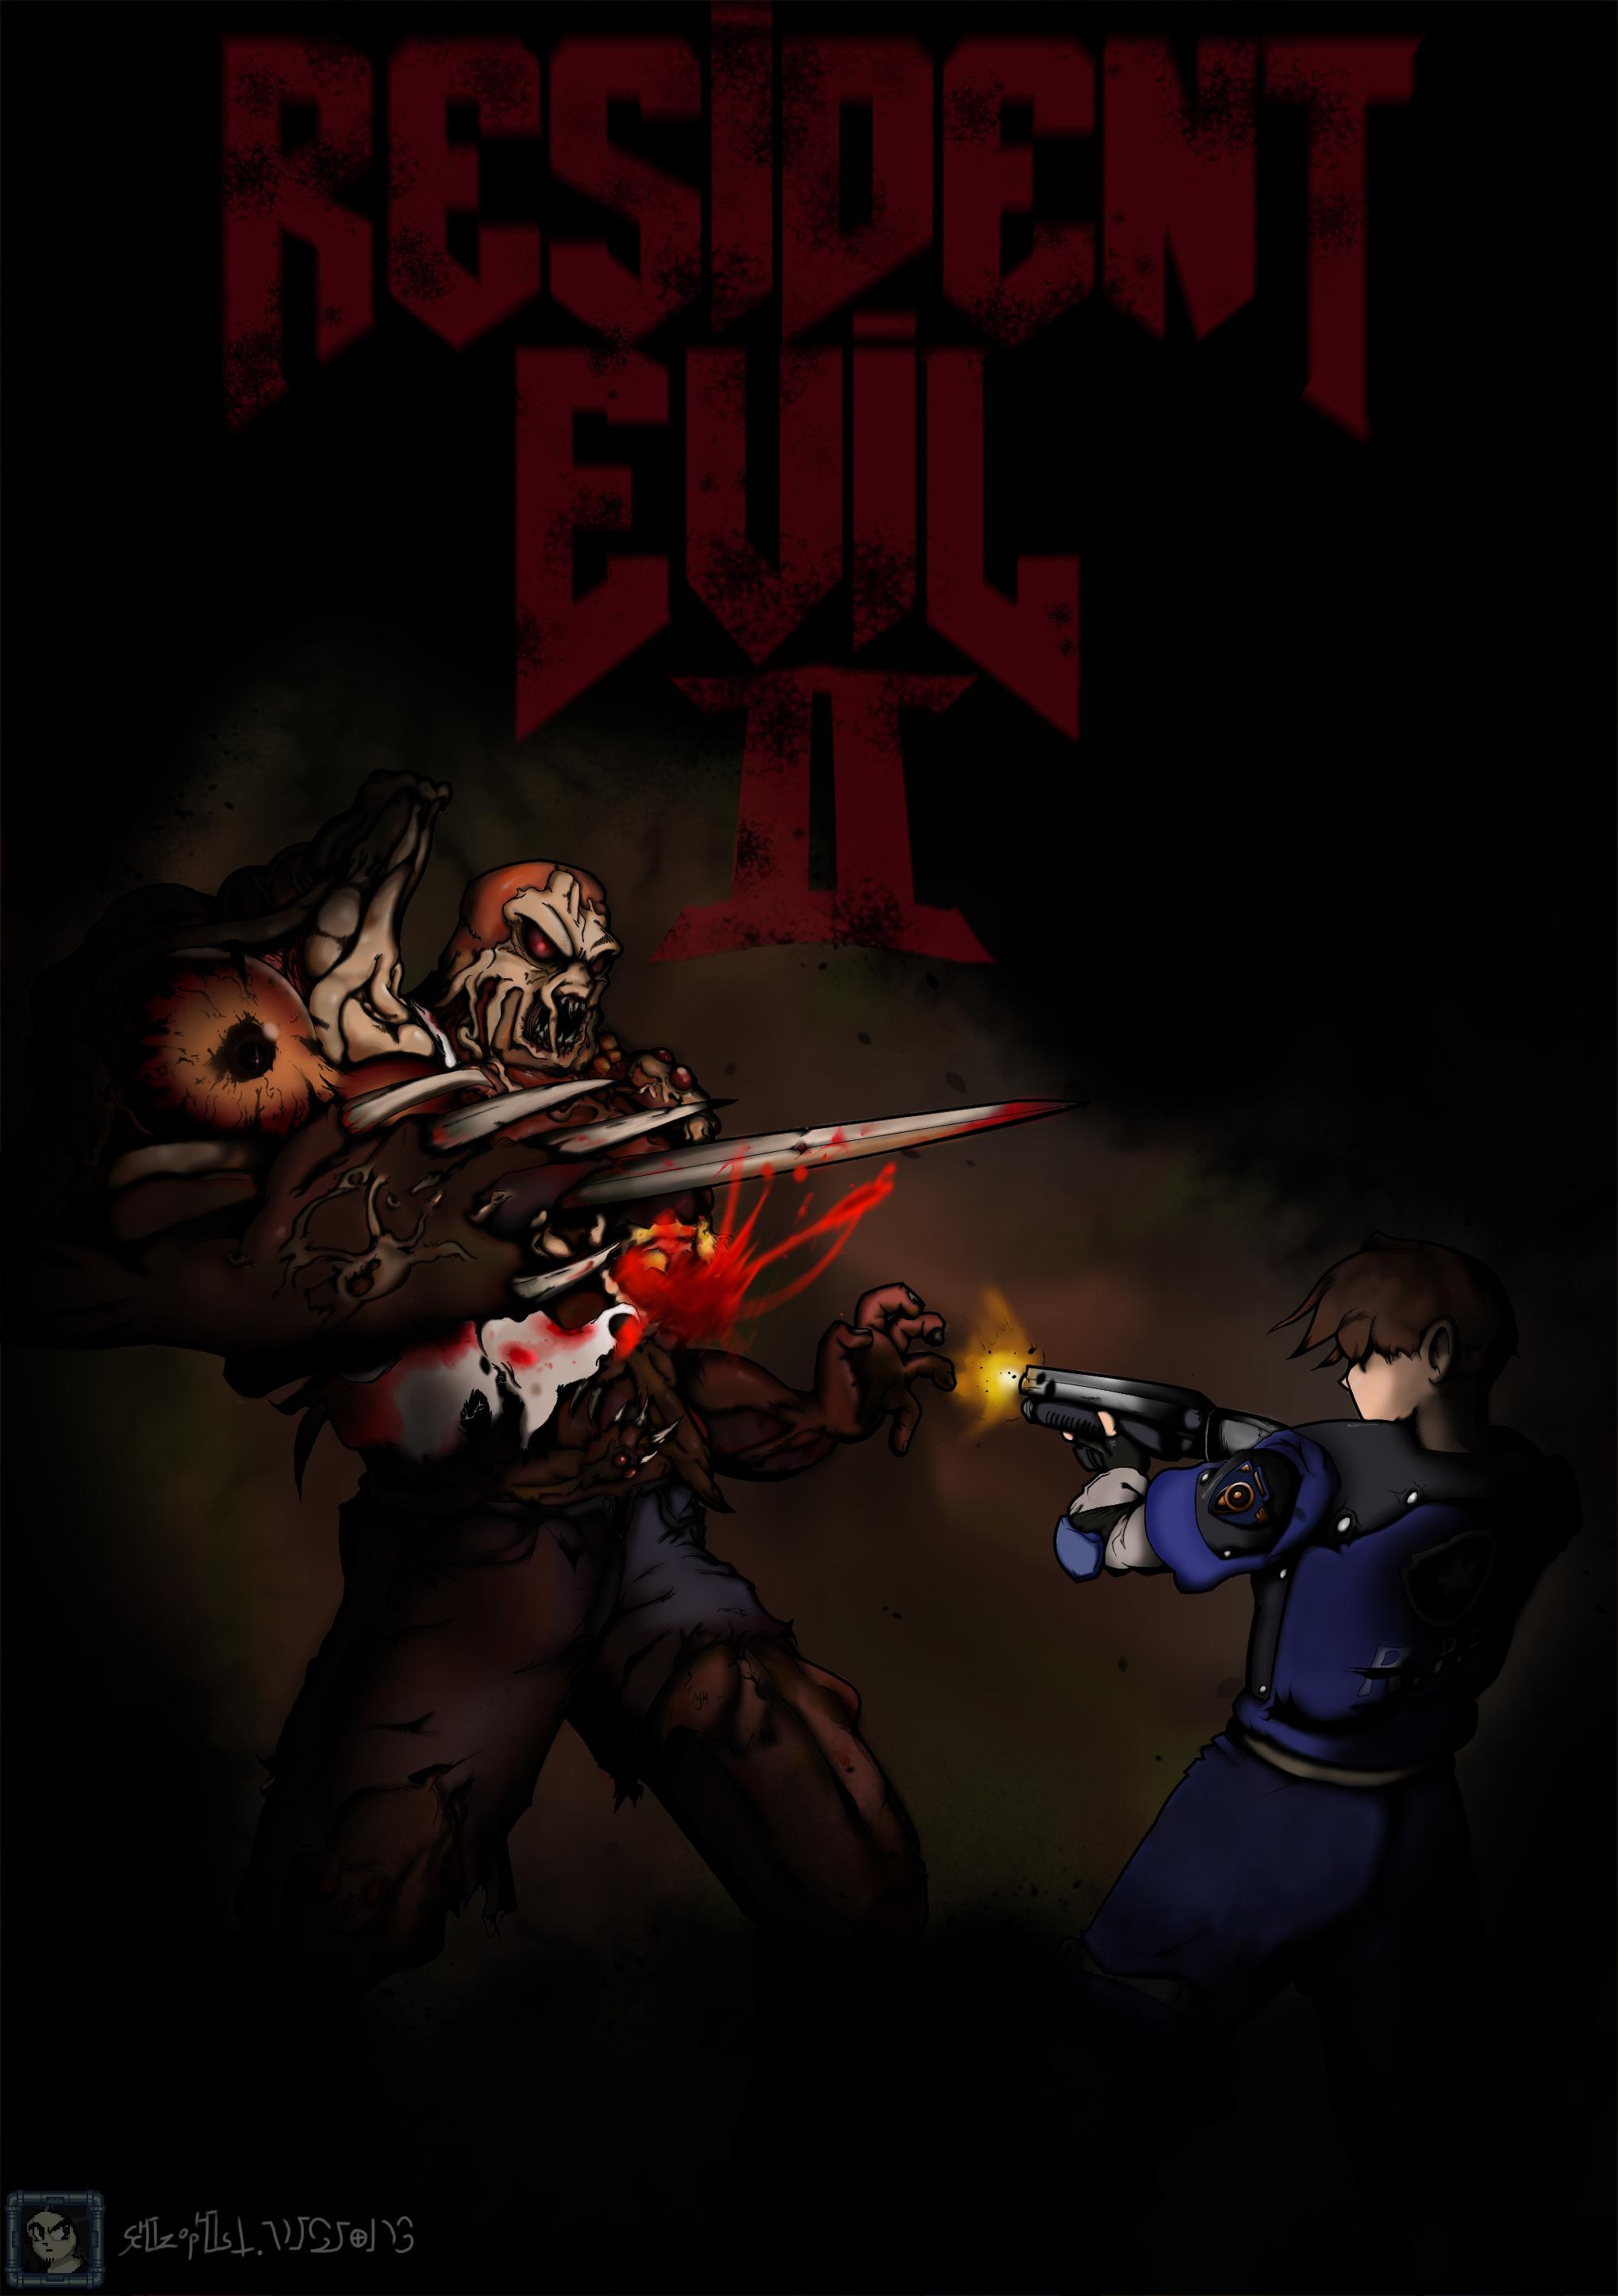 Leon's got the Shotgun (re-uploaded)